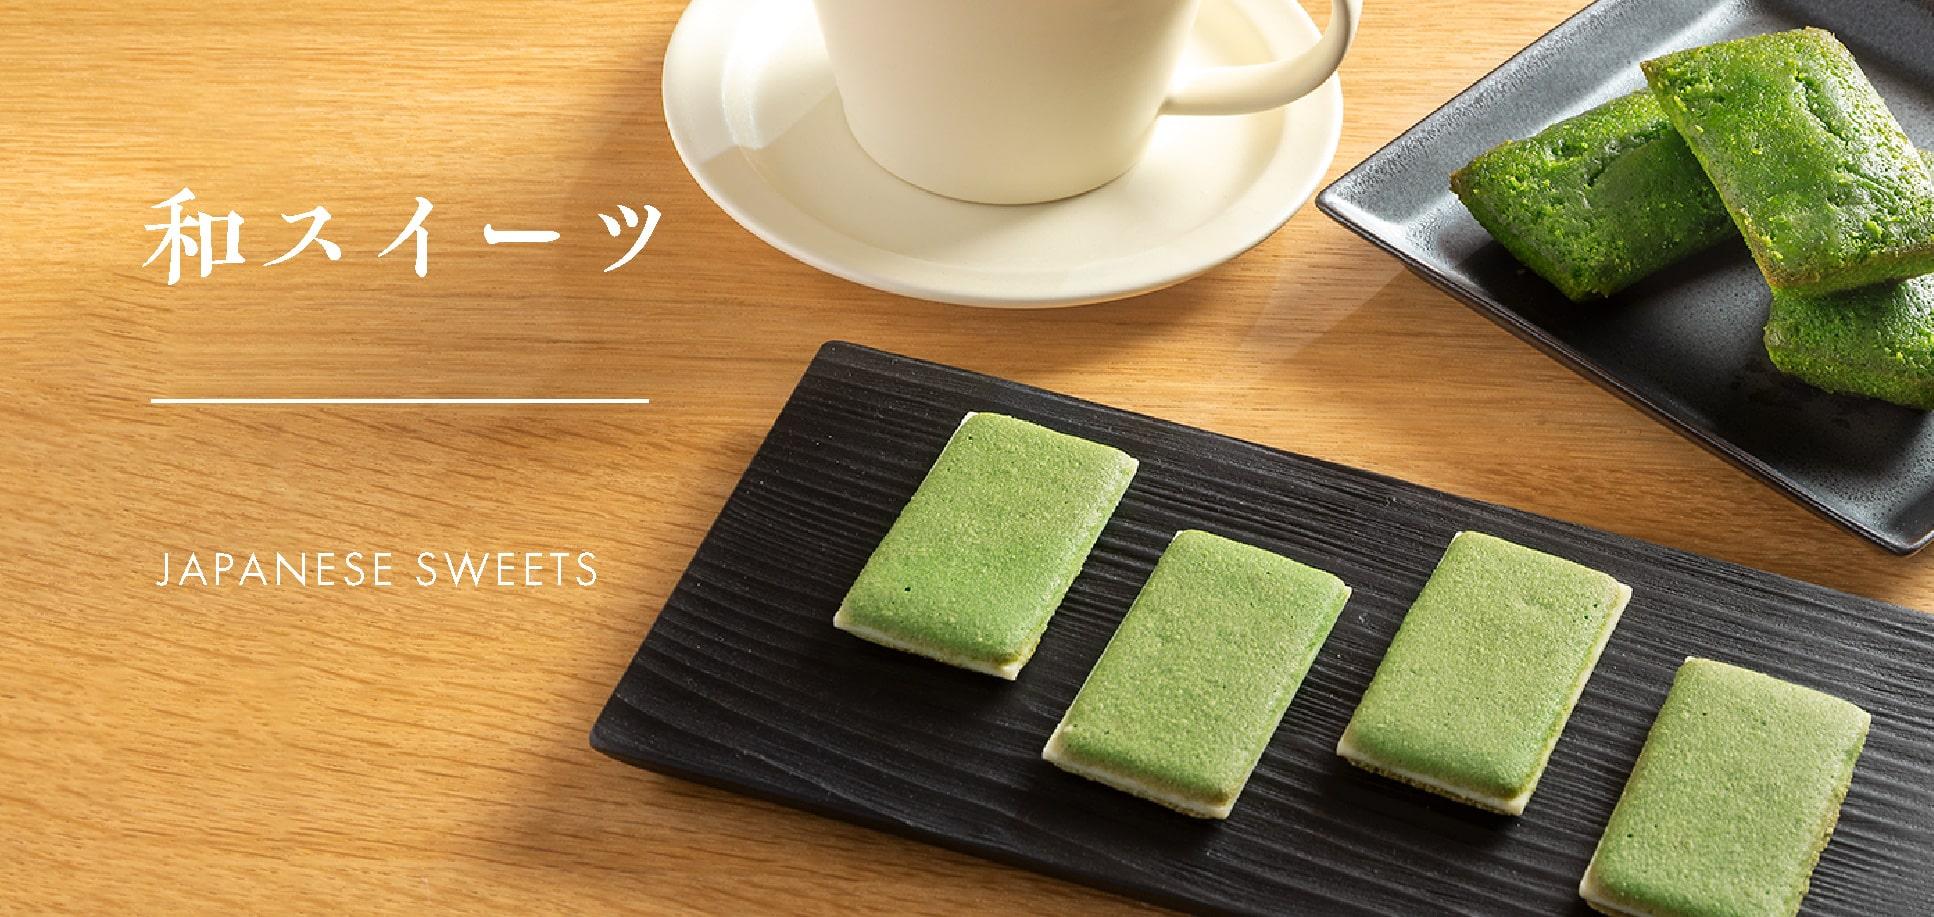 【かねじょう・茶の庭】抹茶を使用したお菓子、スイーツ